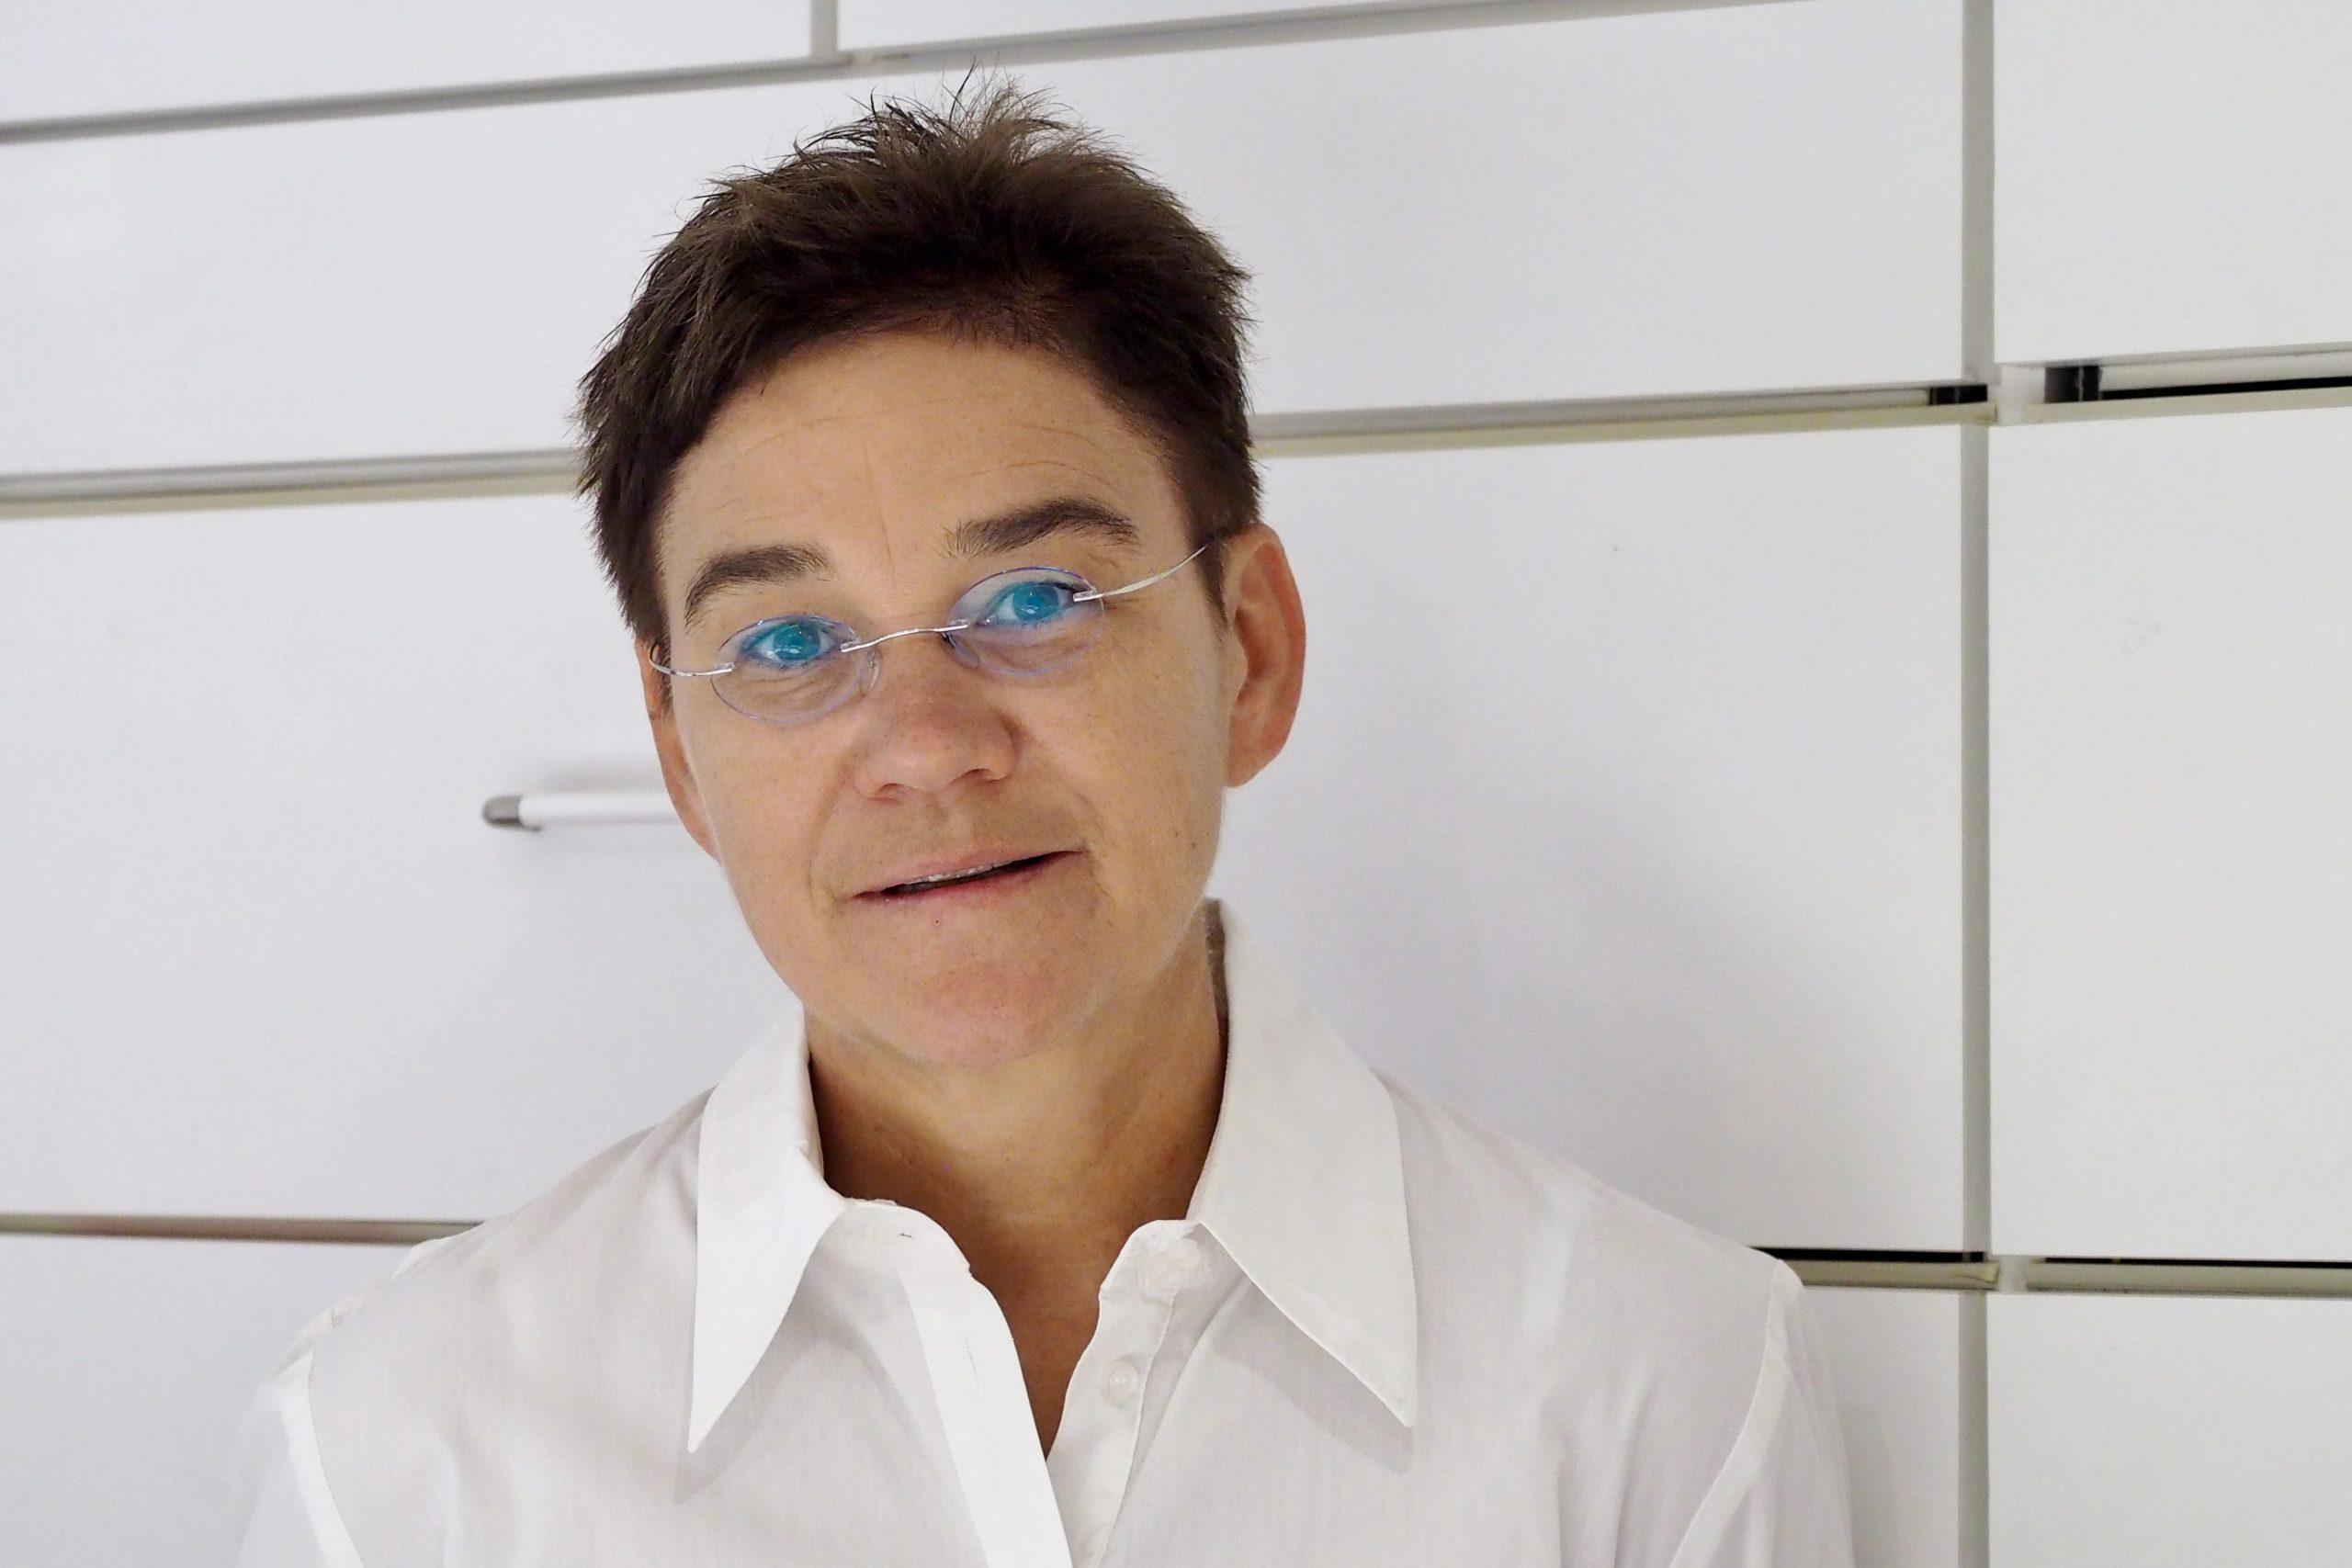 Frau Dr. S. Boremski